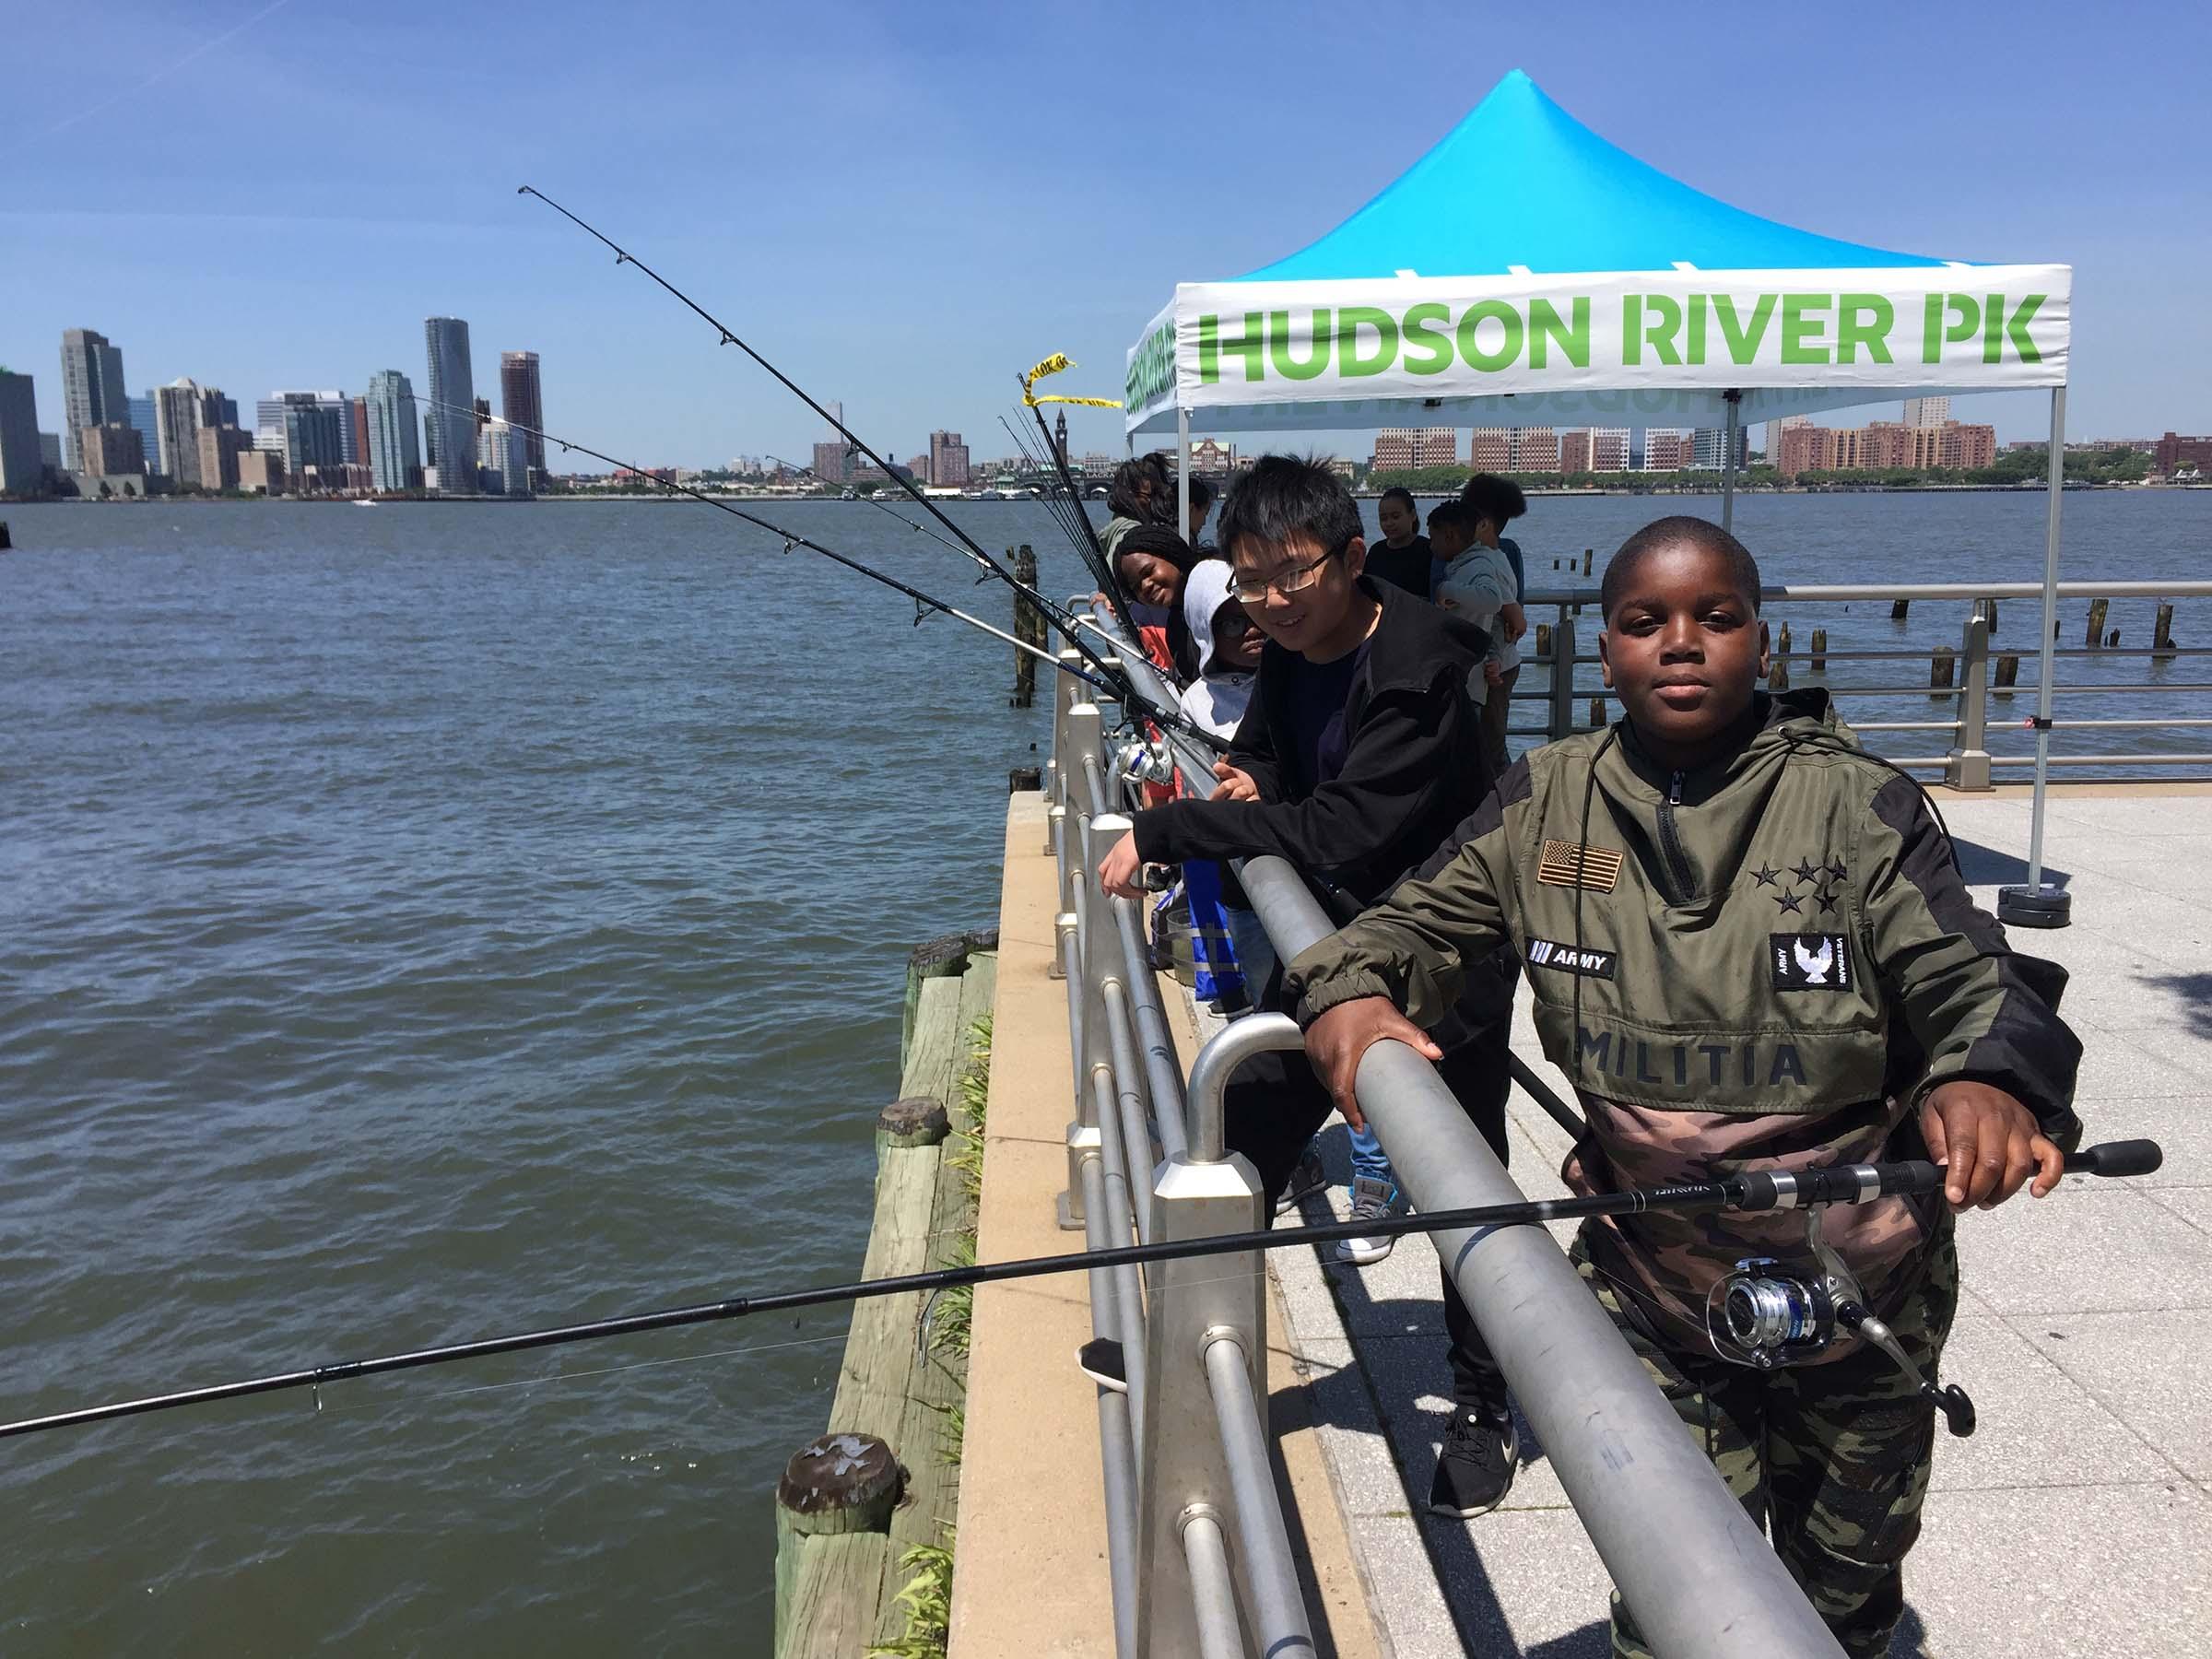 Kids enjoying fishing in the Hudson River